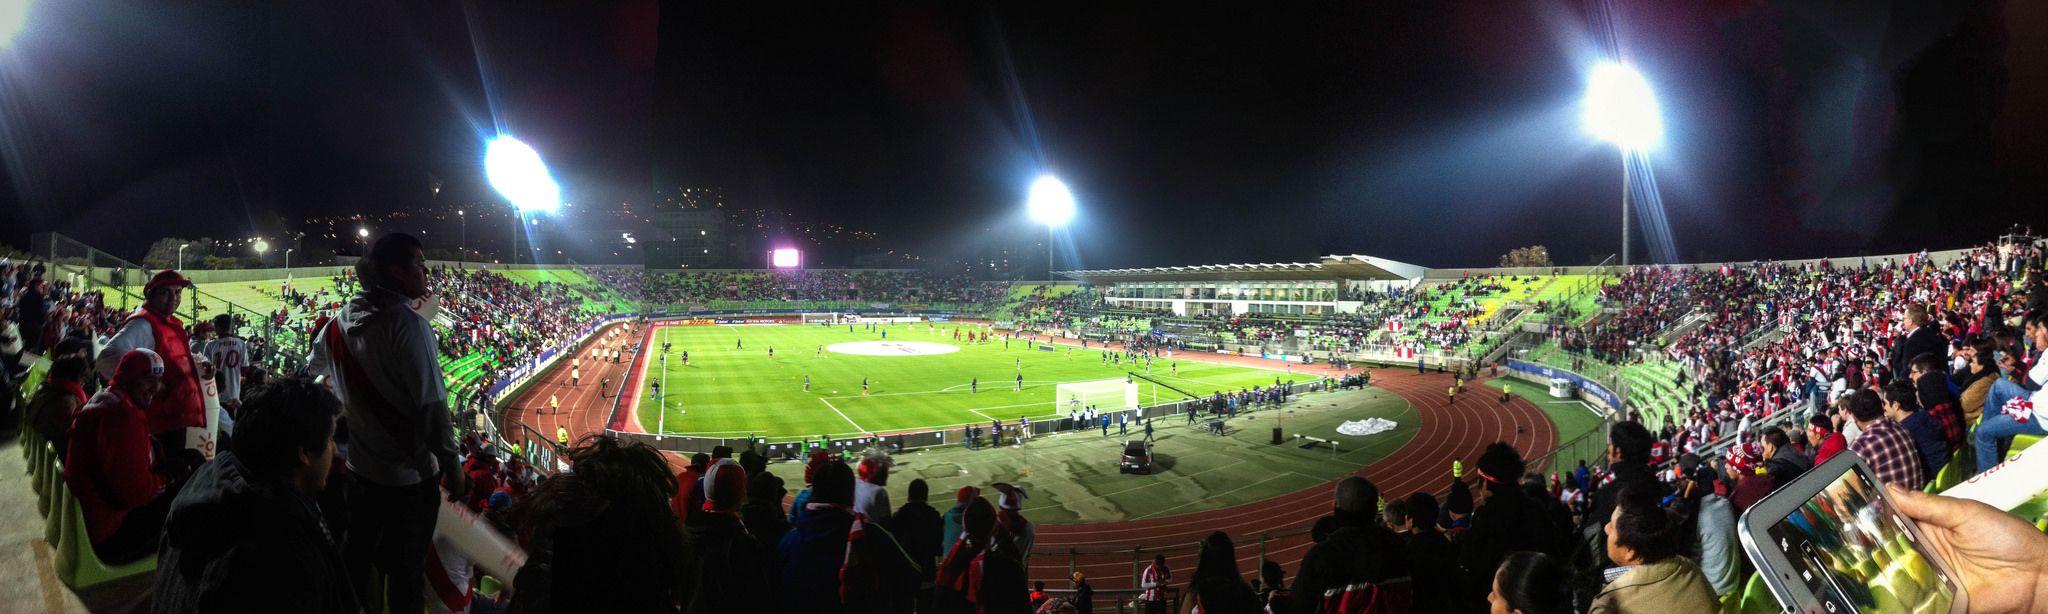 Copa América 2015 Estadio Elas Figueroa – StadiumDB